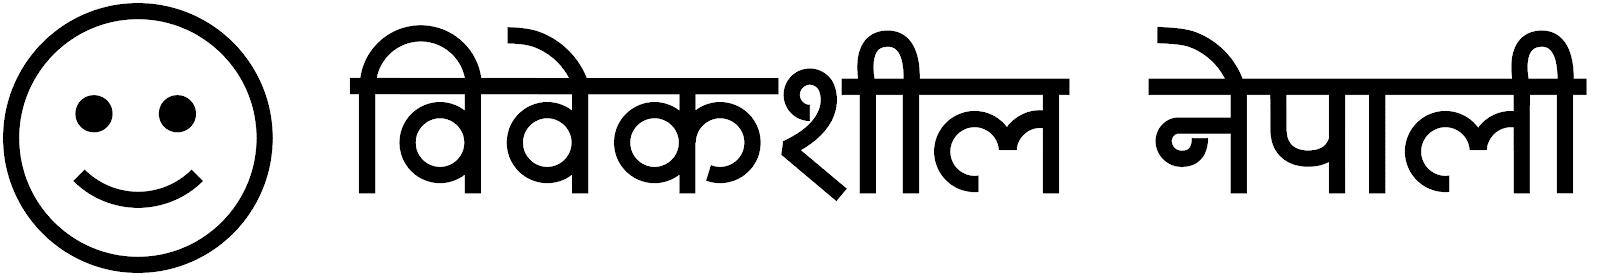 bibeksheel-logo-final-print.png